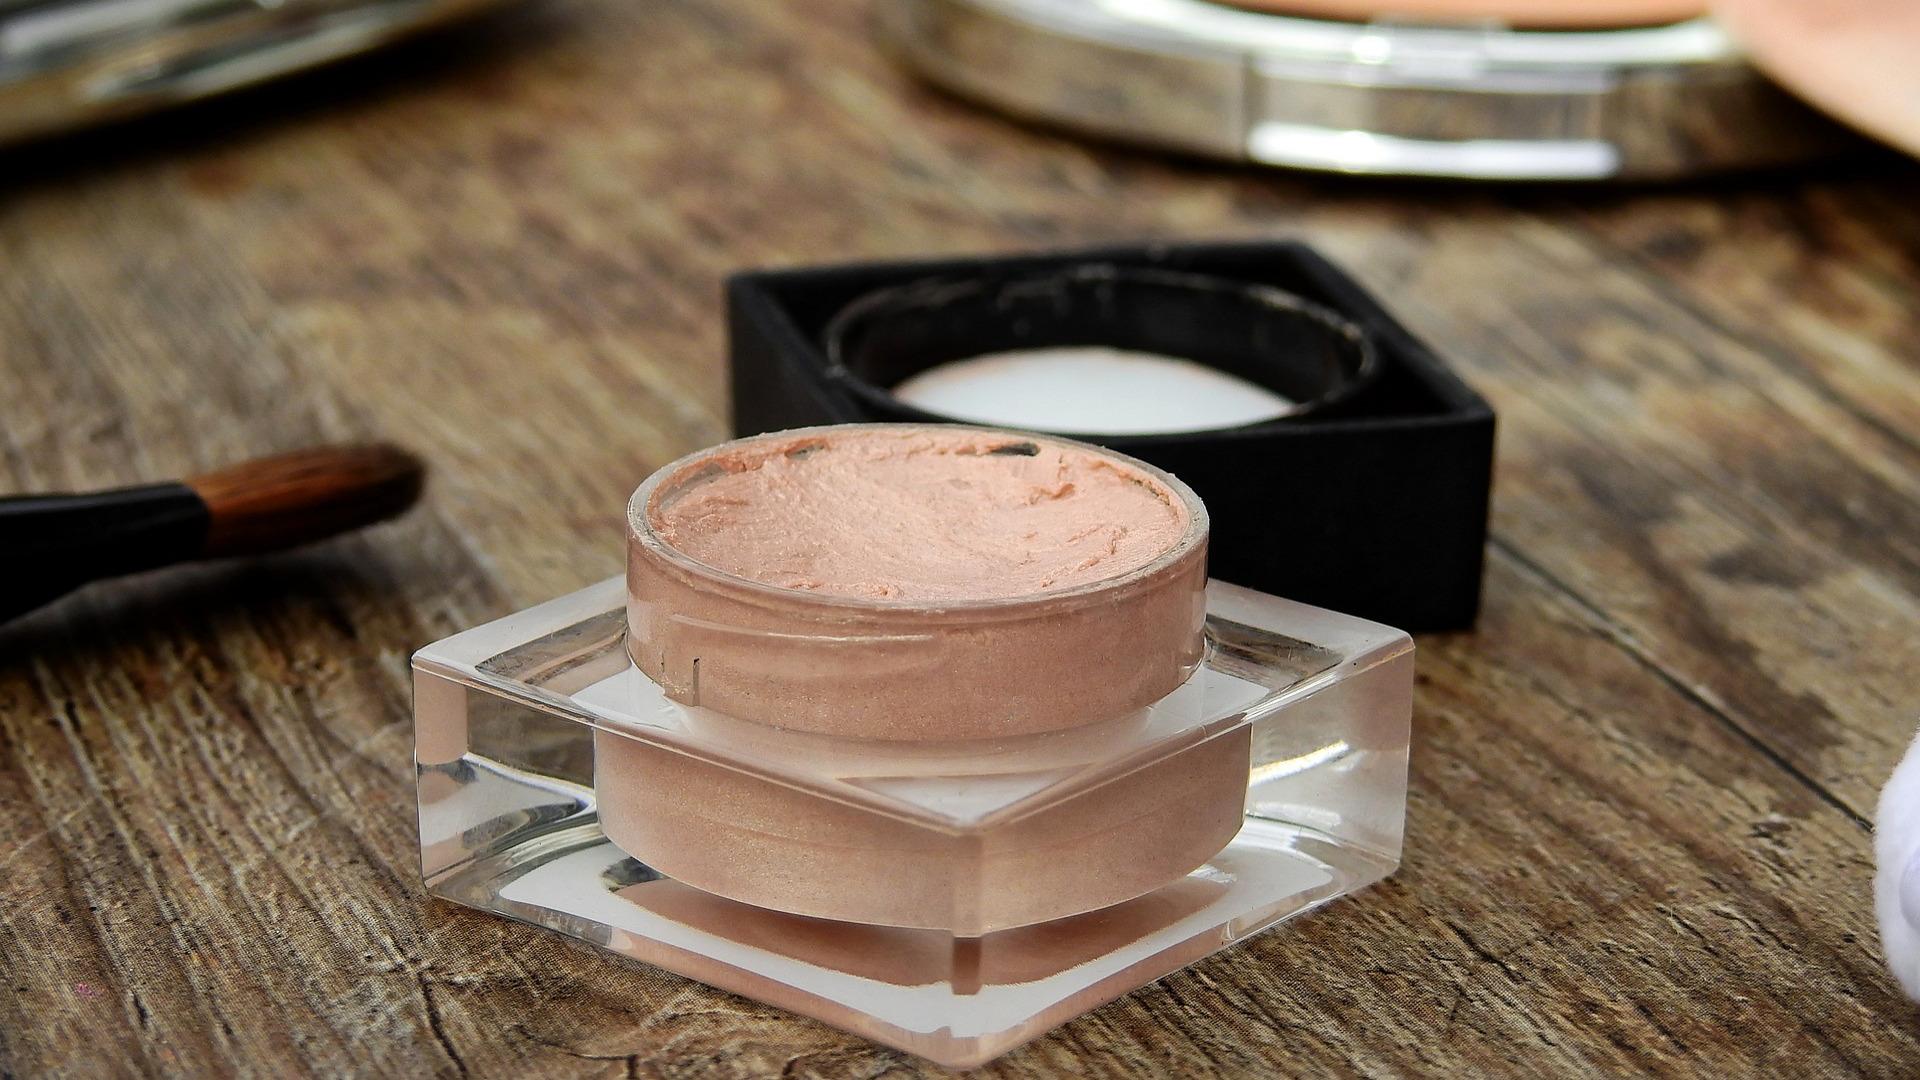 10-consejos-a-la-hora-de-usar-productos-cosmeticos-1920